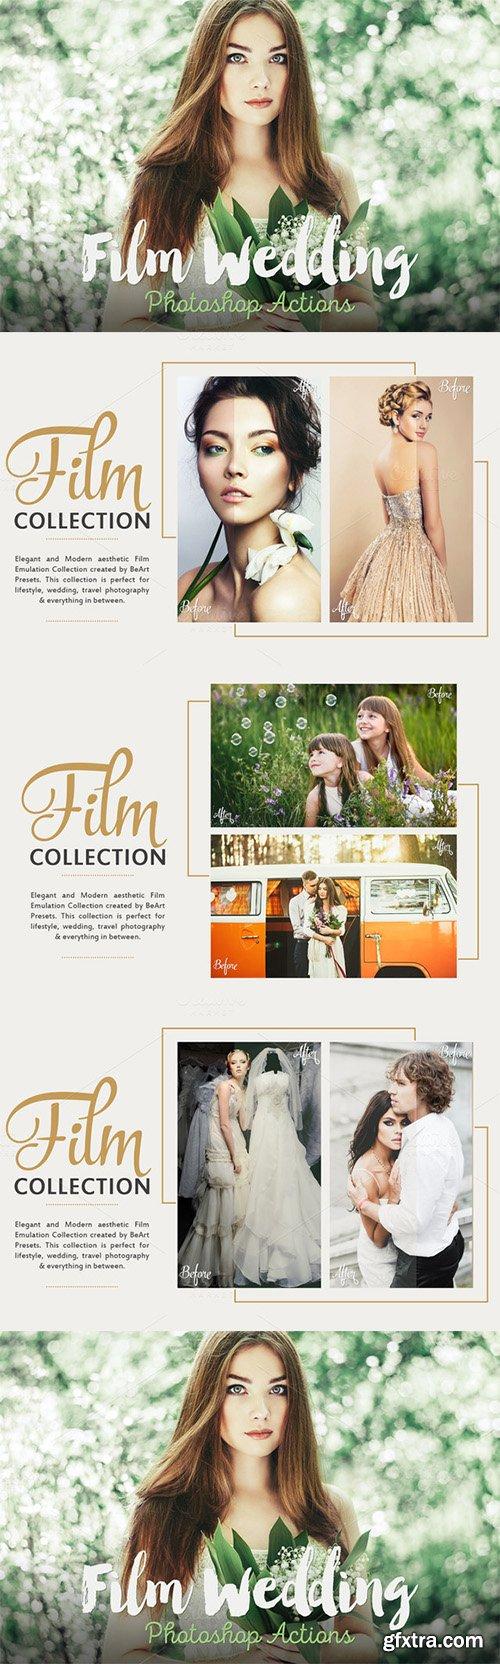 CM Film Wedding Photoshop Actions 333276